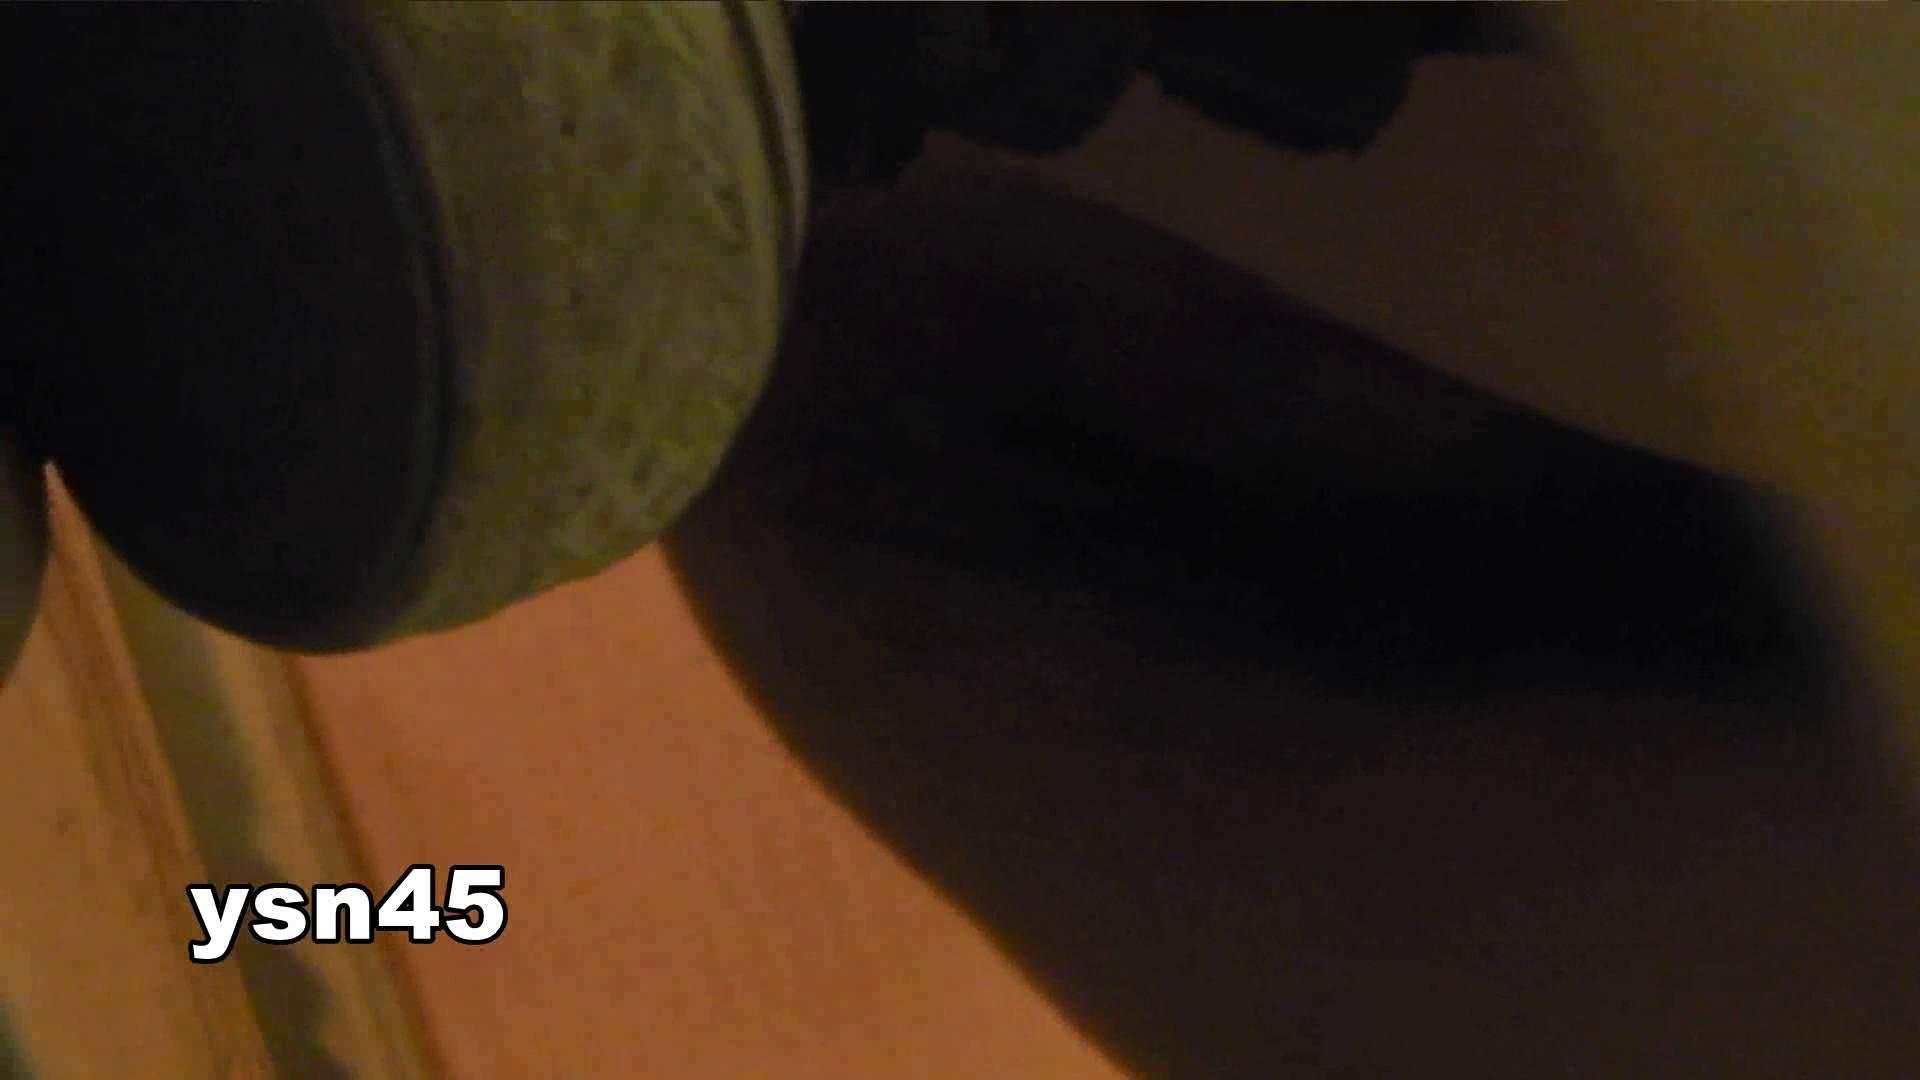 世界の射窓から vol.45 尻出しスマホ OLのボディ  87PIX 38